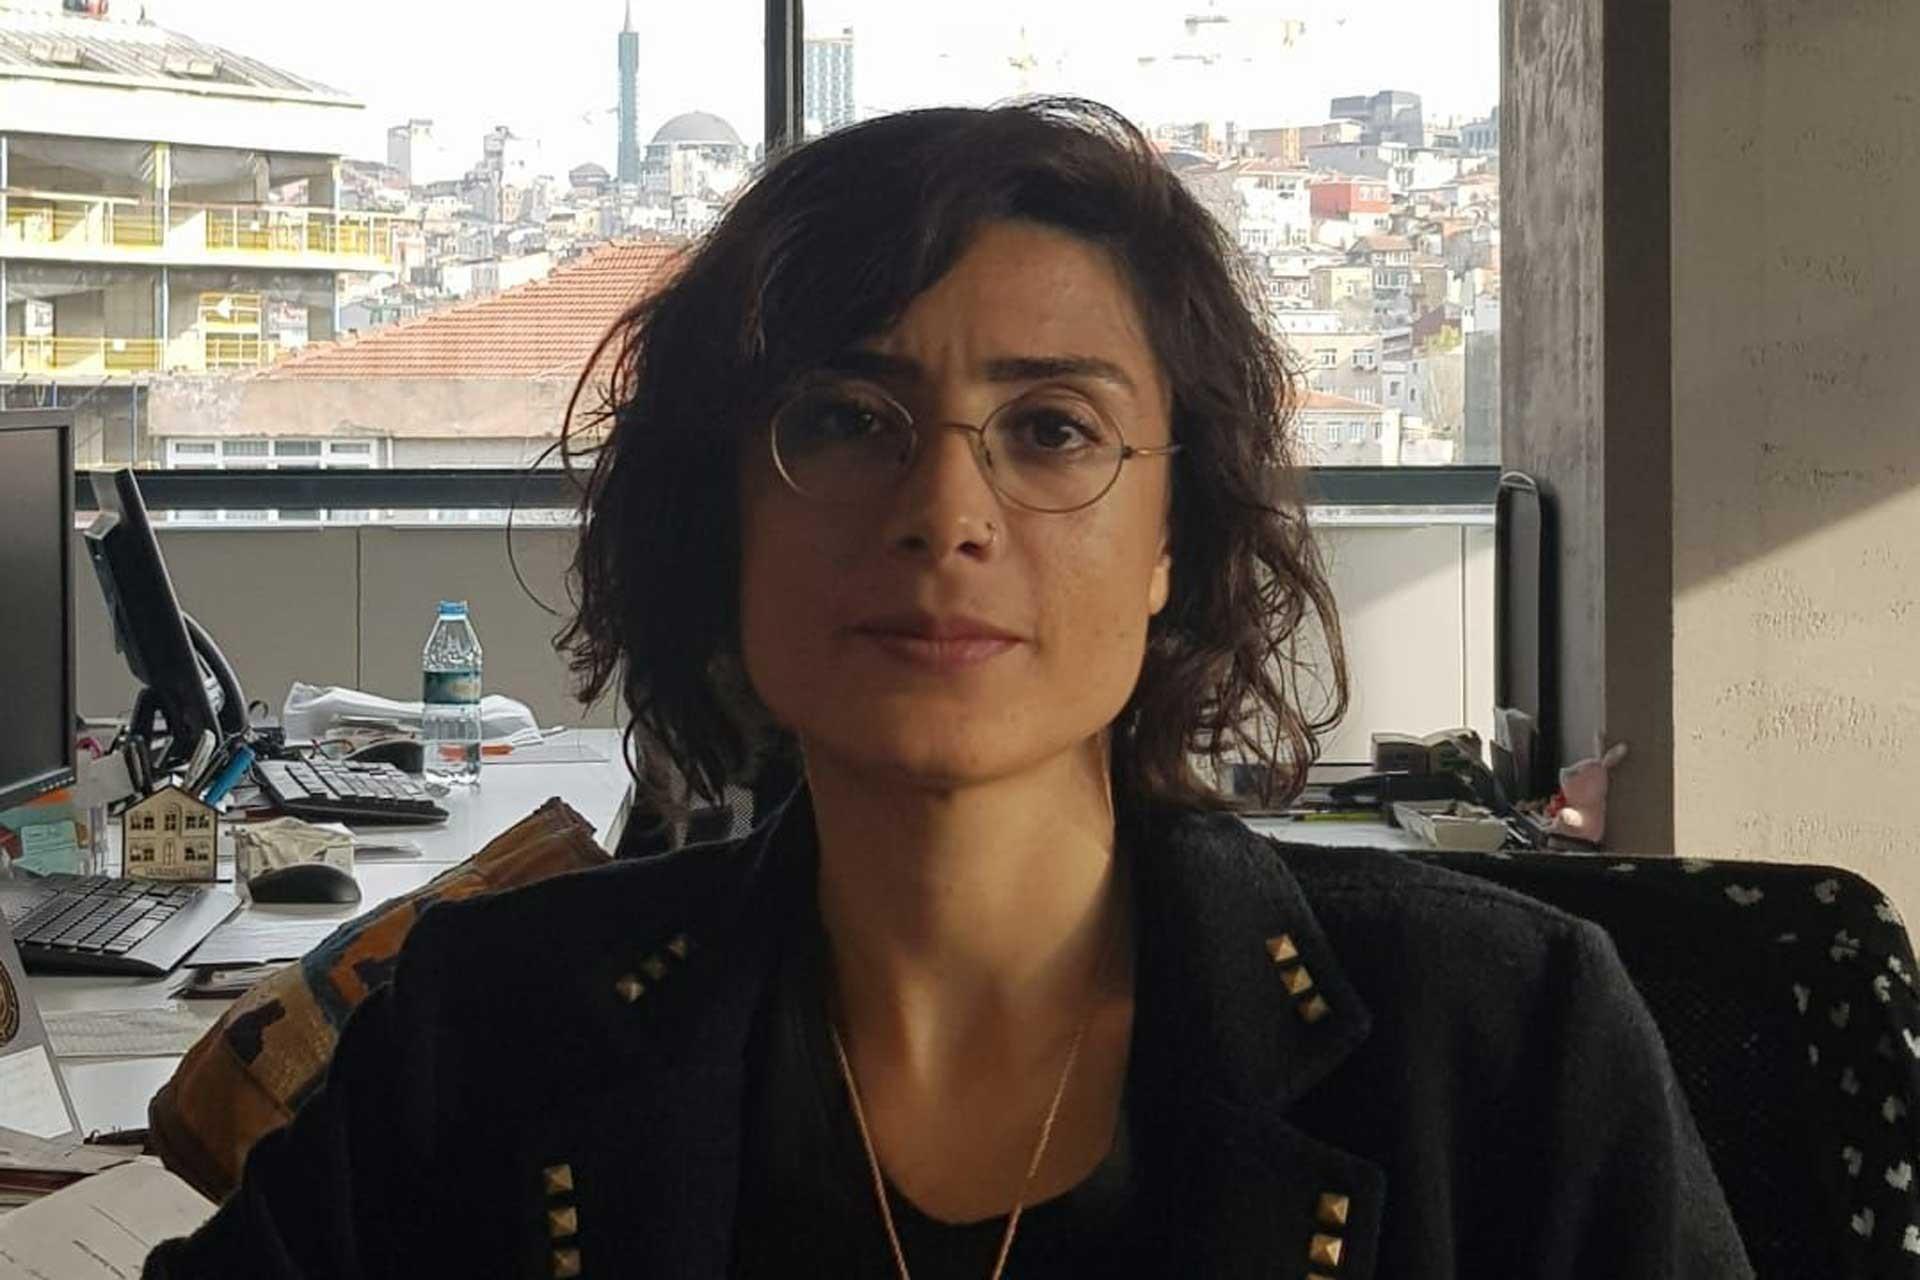 Çevre Mühendisleri Odası (ÇMO) İstanbul Şubesi kongresinde seçime mavi liste ile giden Demokrat Çevre Mühendislerinden Meryem Kayan